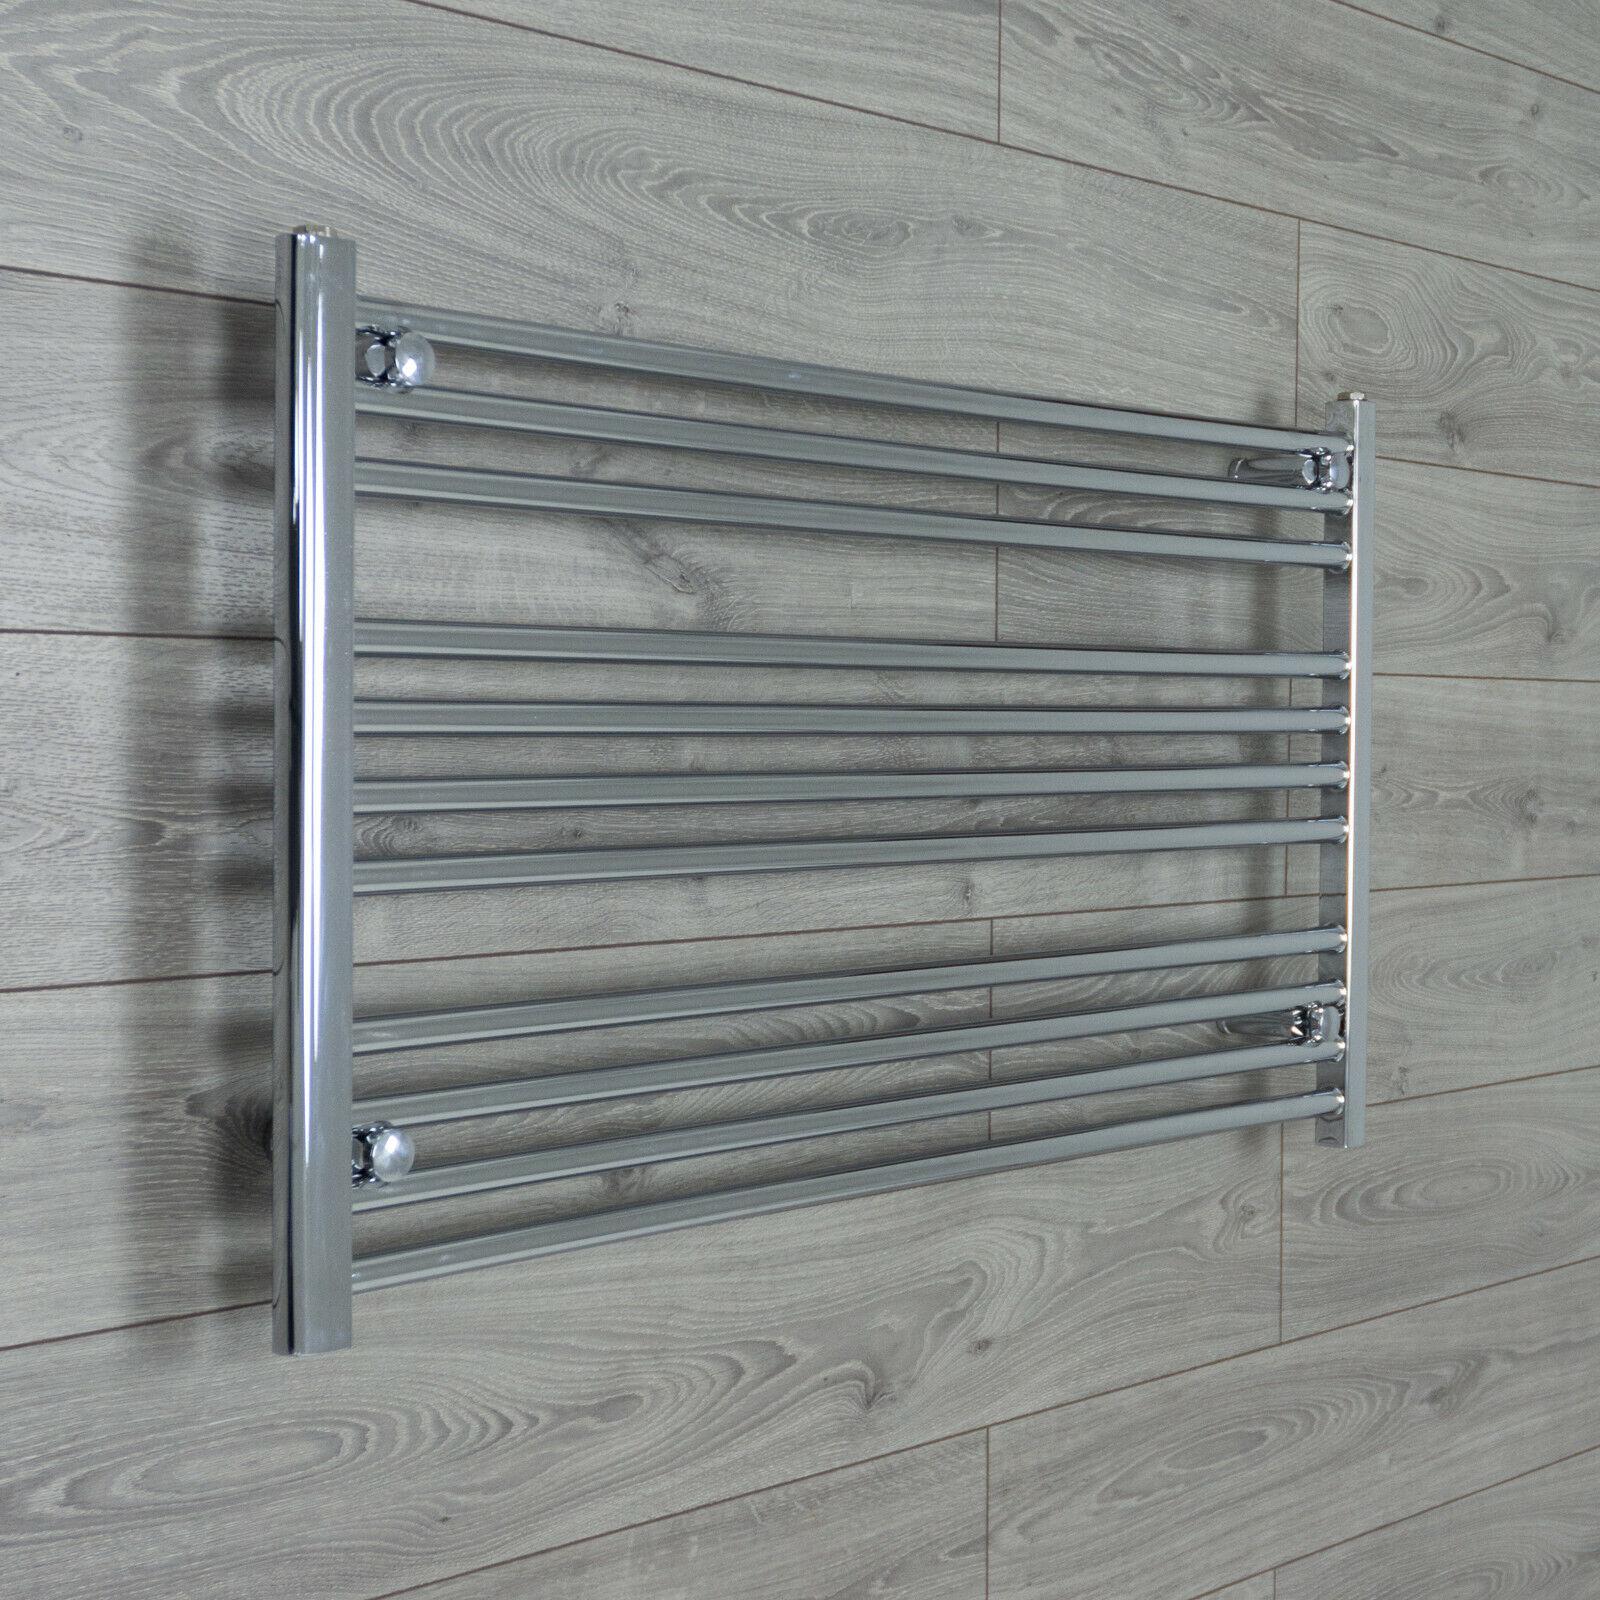 1300 mm large sèche-serviettes radiateur 600 mm Haute Chrome Droite salle de bains Rad